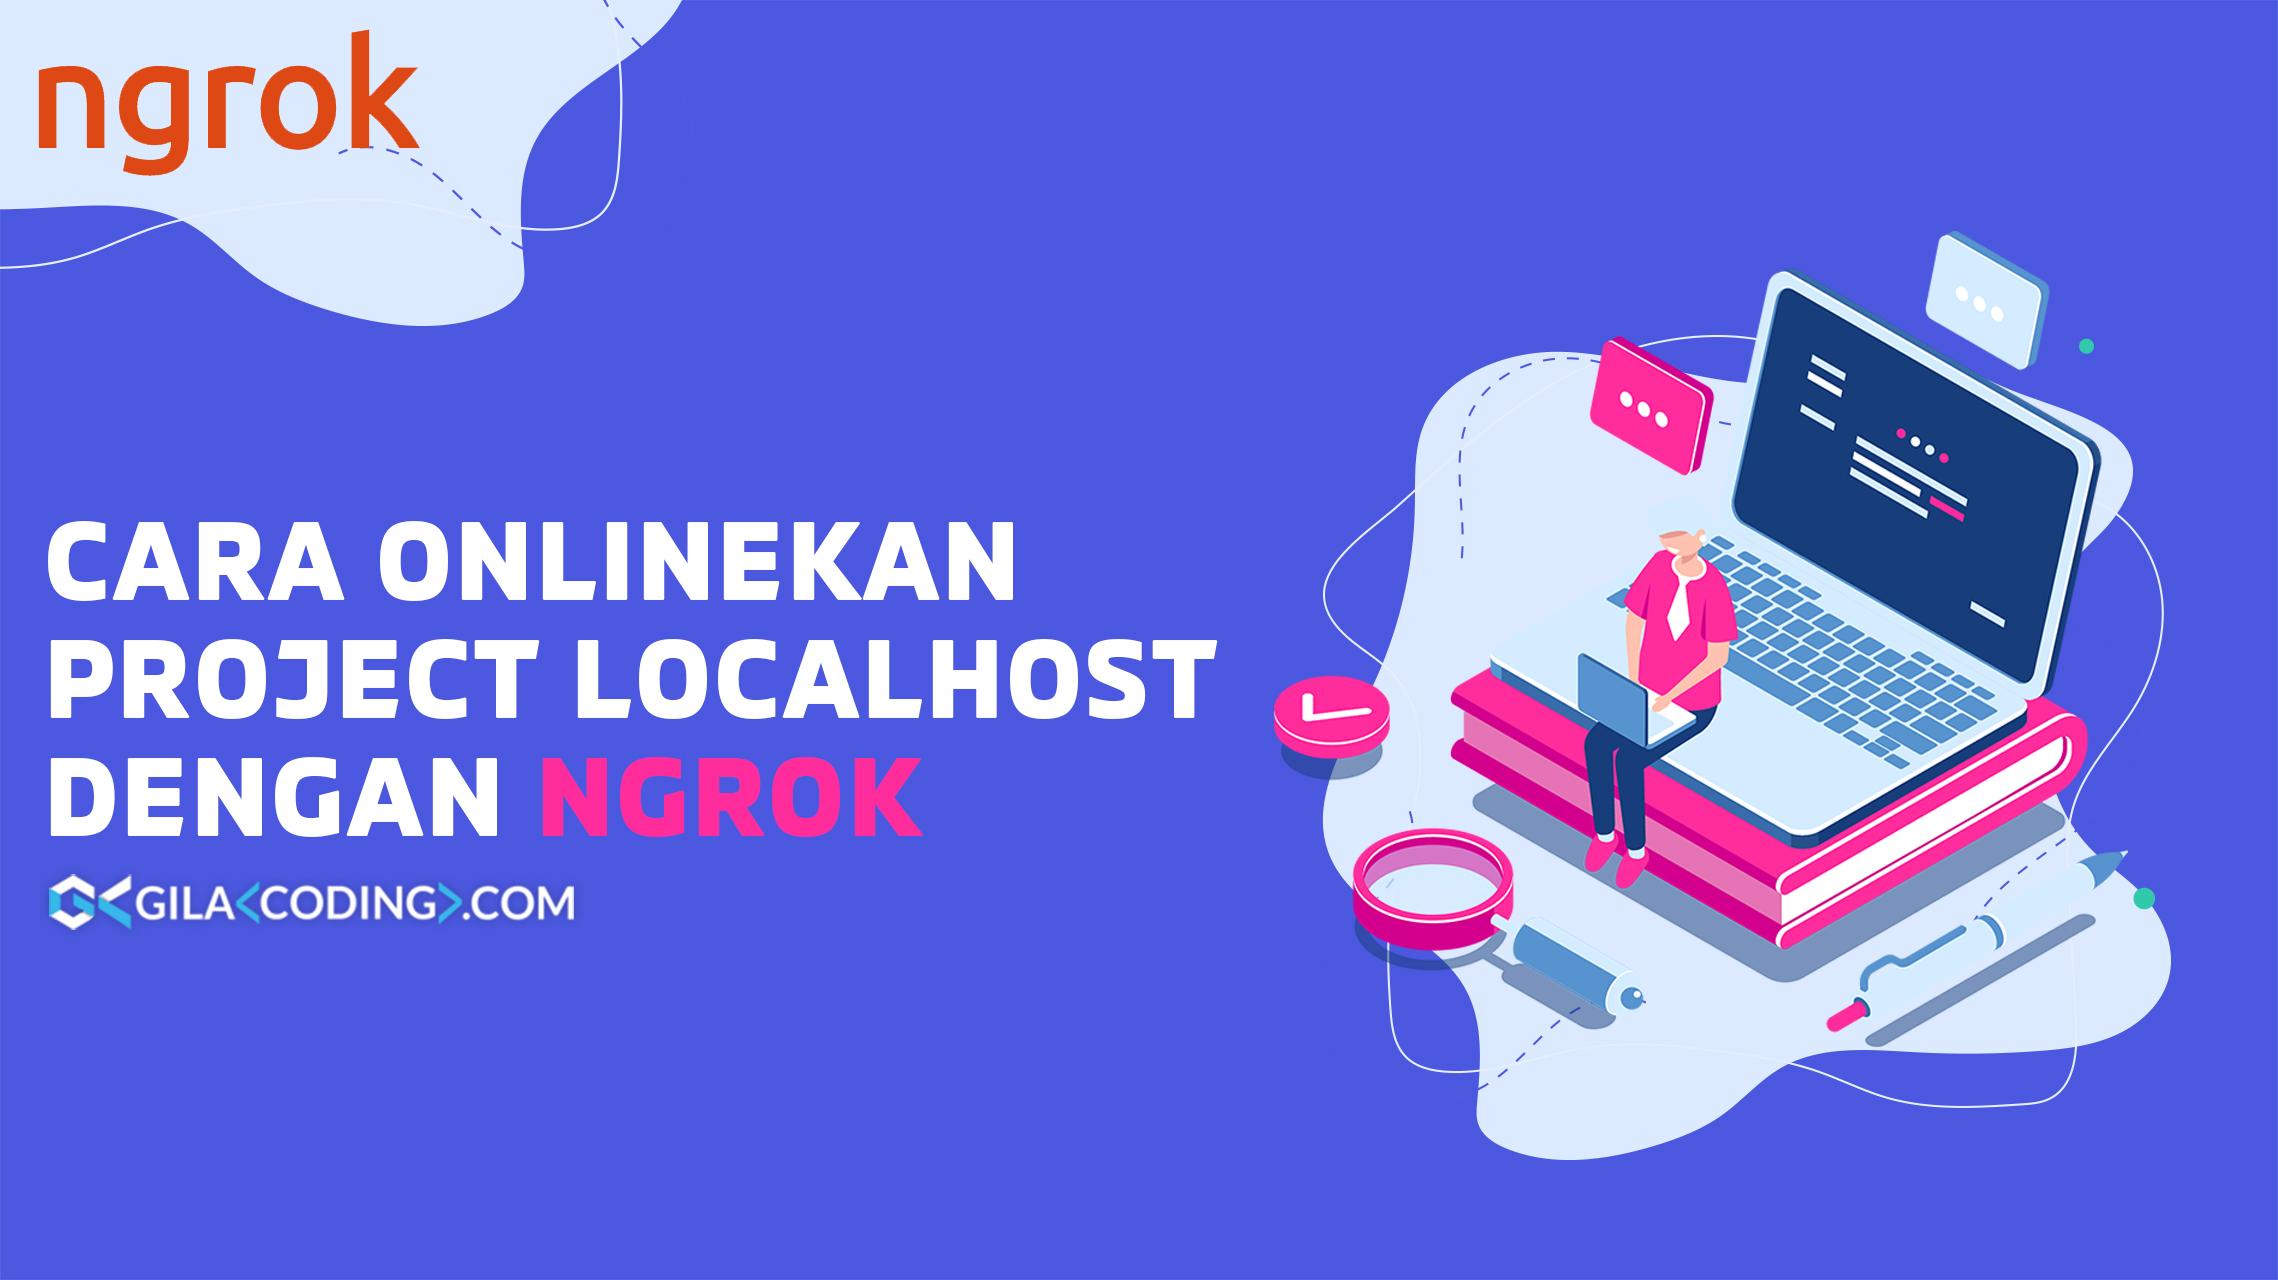 Cara Mudah Onlinekan Localhost atau Project Web Dengan ngrok.com